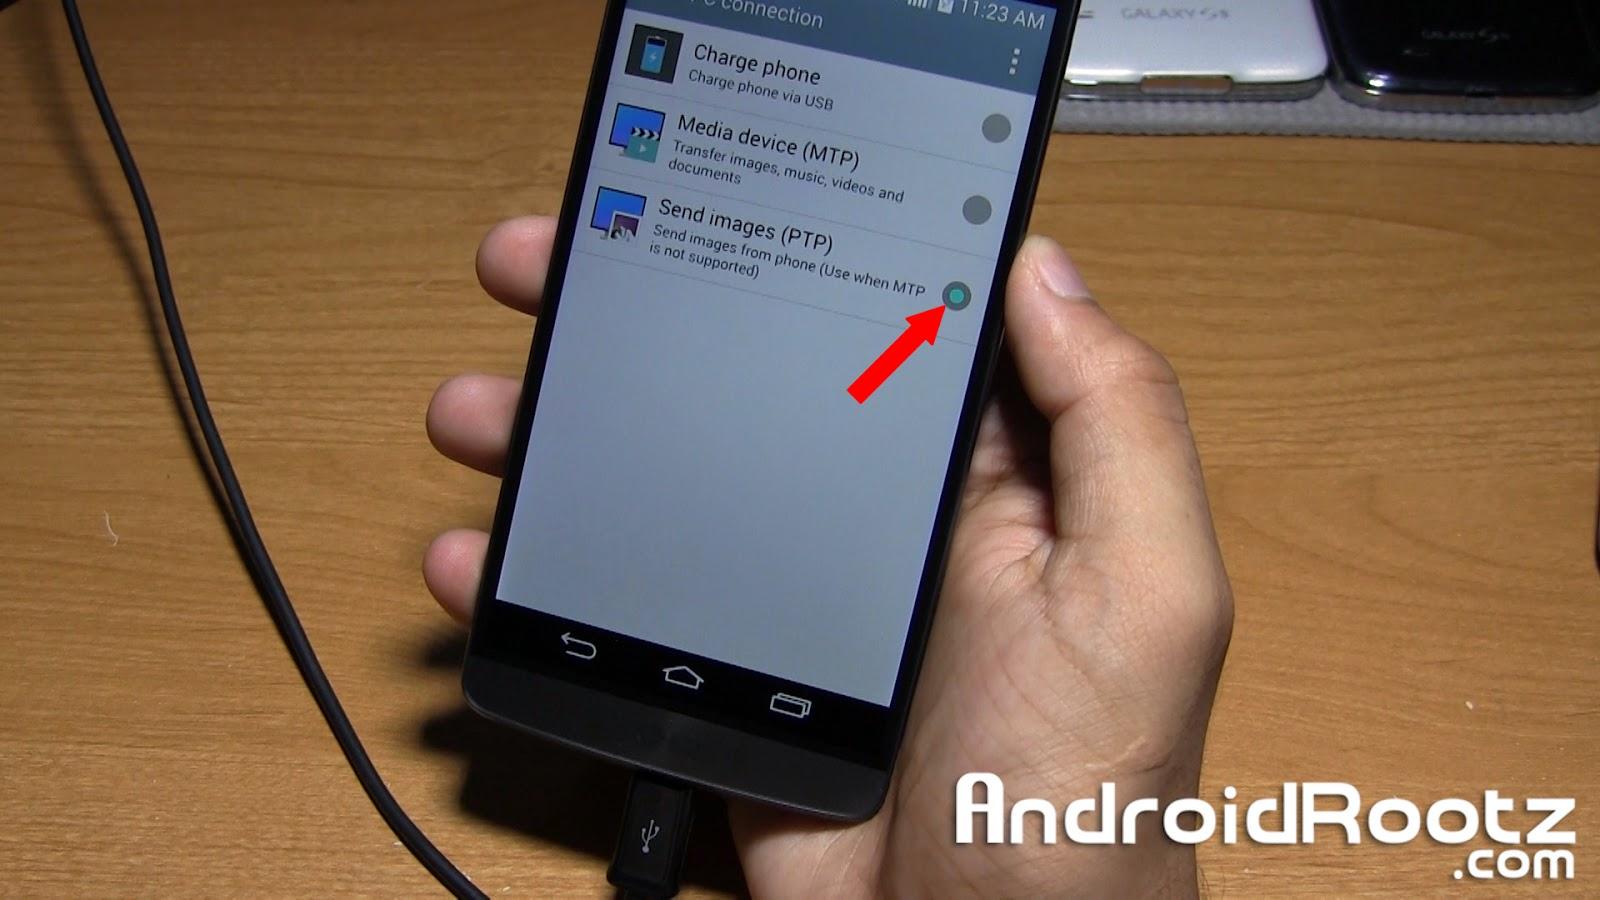 Lge Android Net Mtp Device Скачать